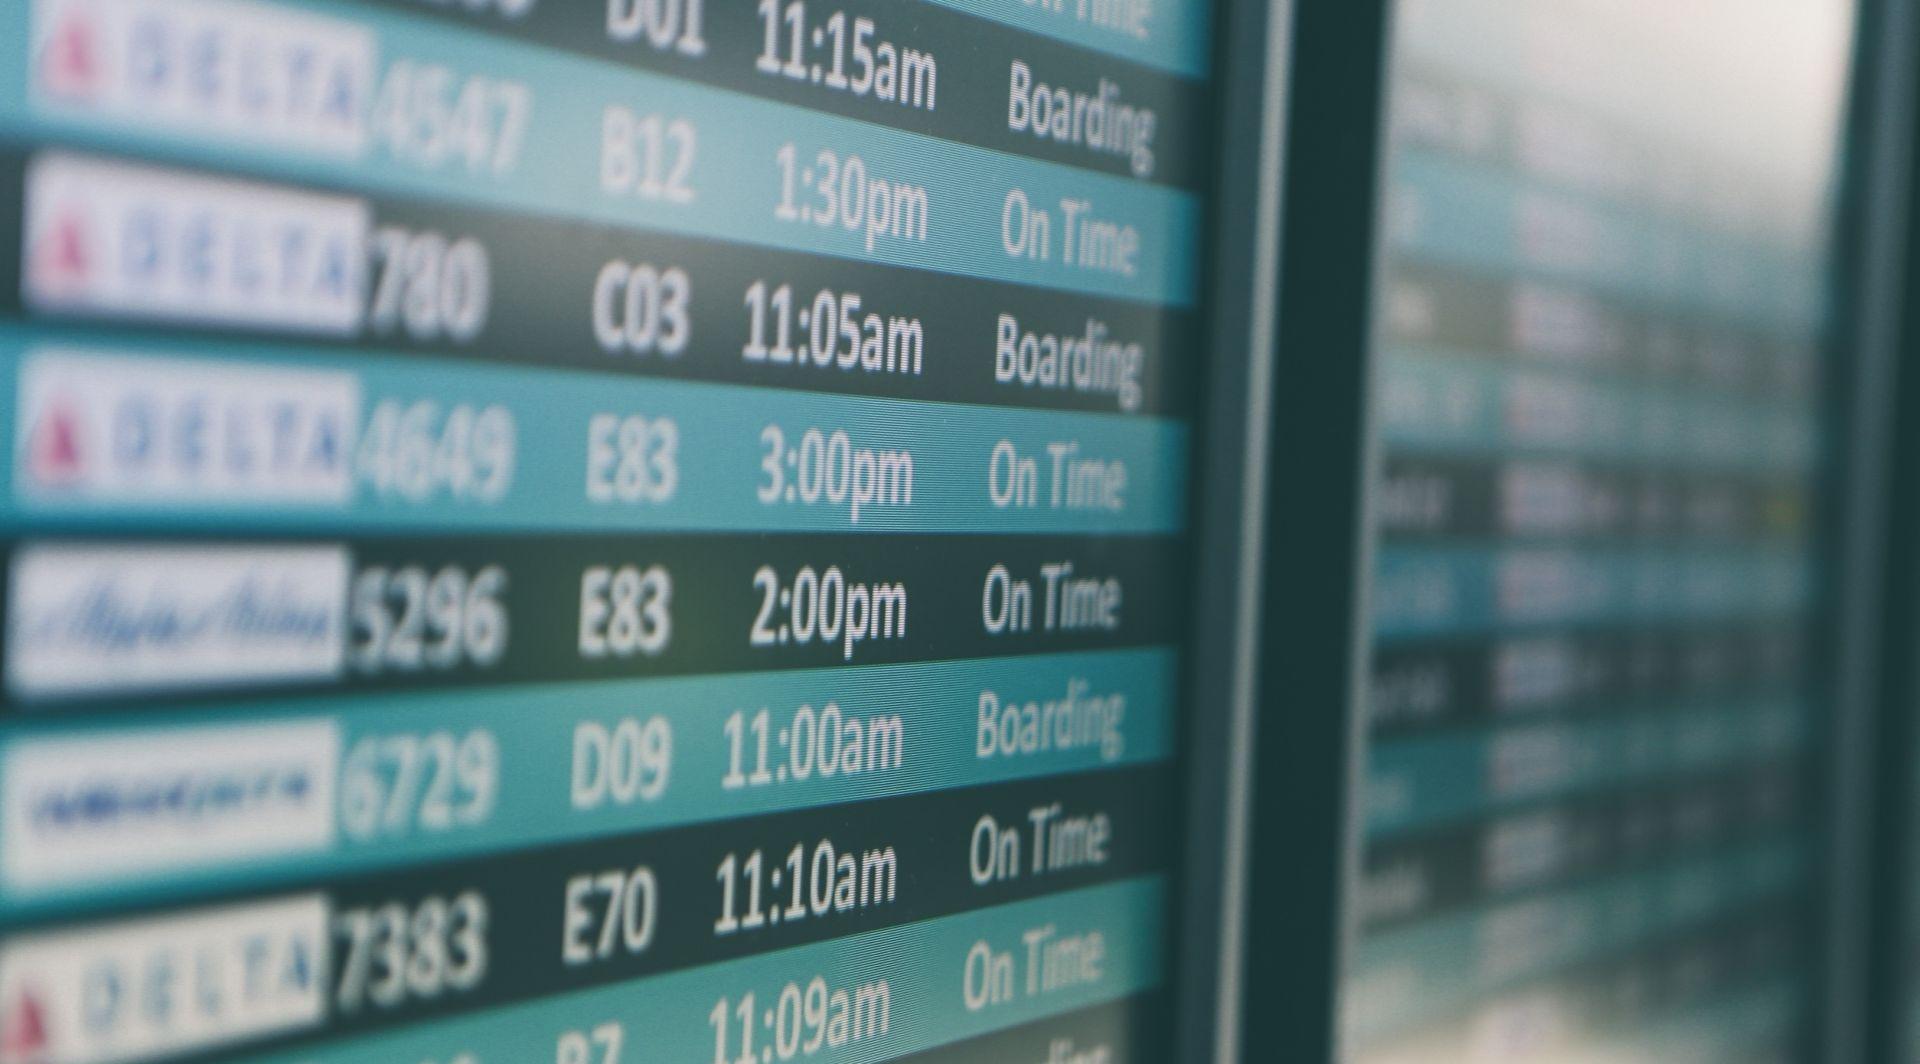 GATWICK PONOVNO OTVOREN Uhićen muškarac, londonska zračna luka evakuirana zbog 'sumnjivog paketa'